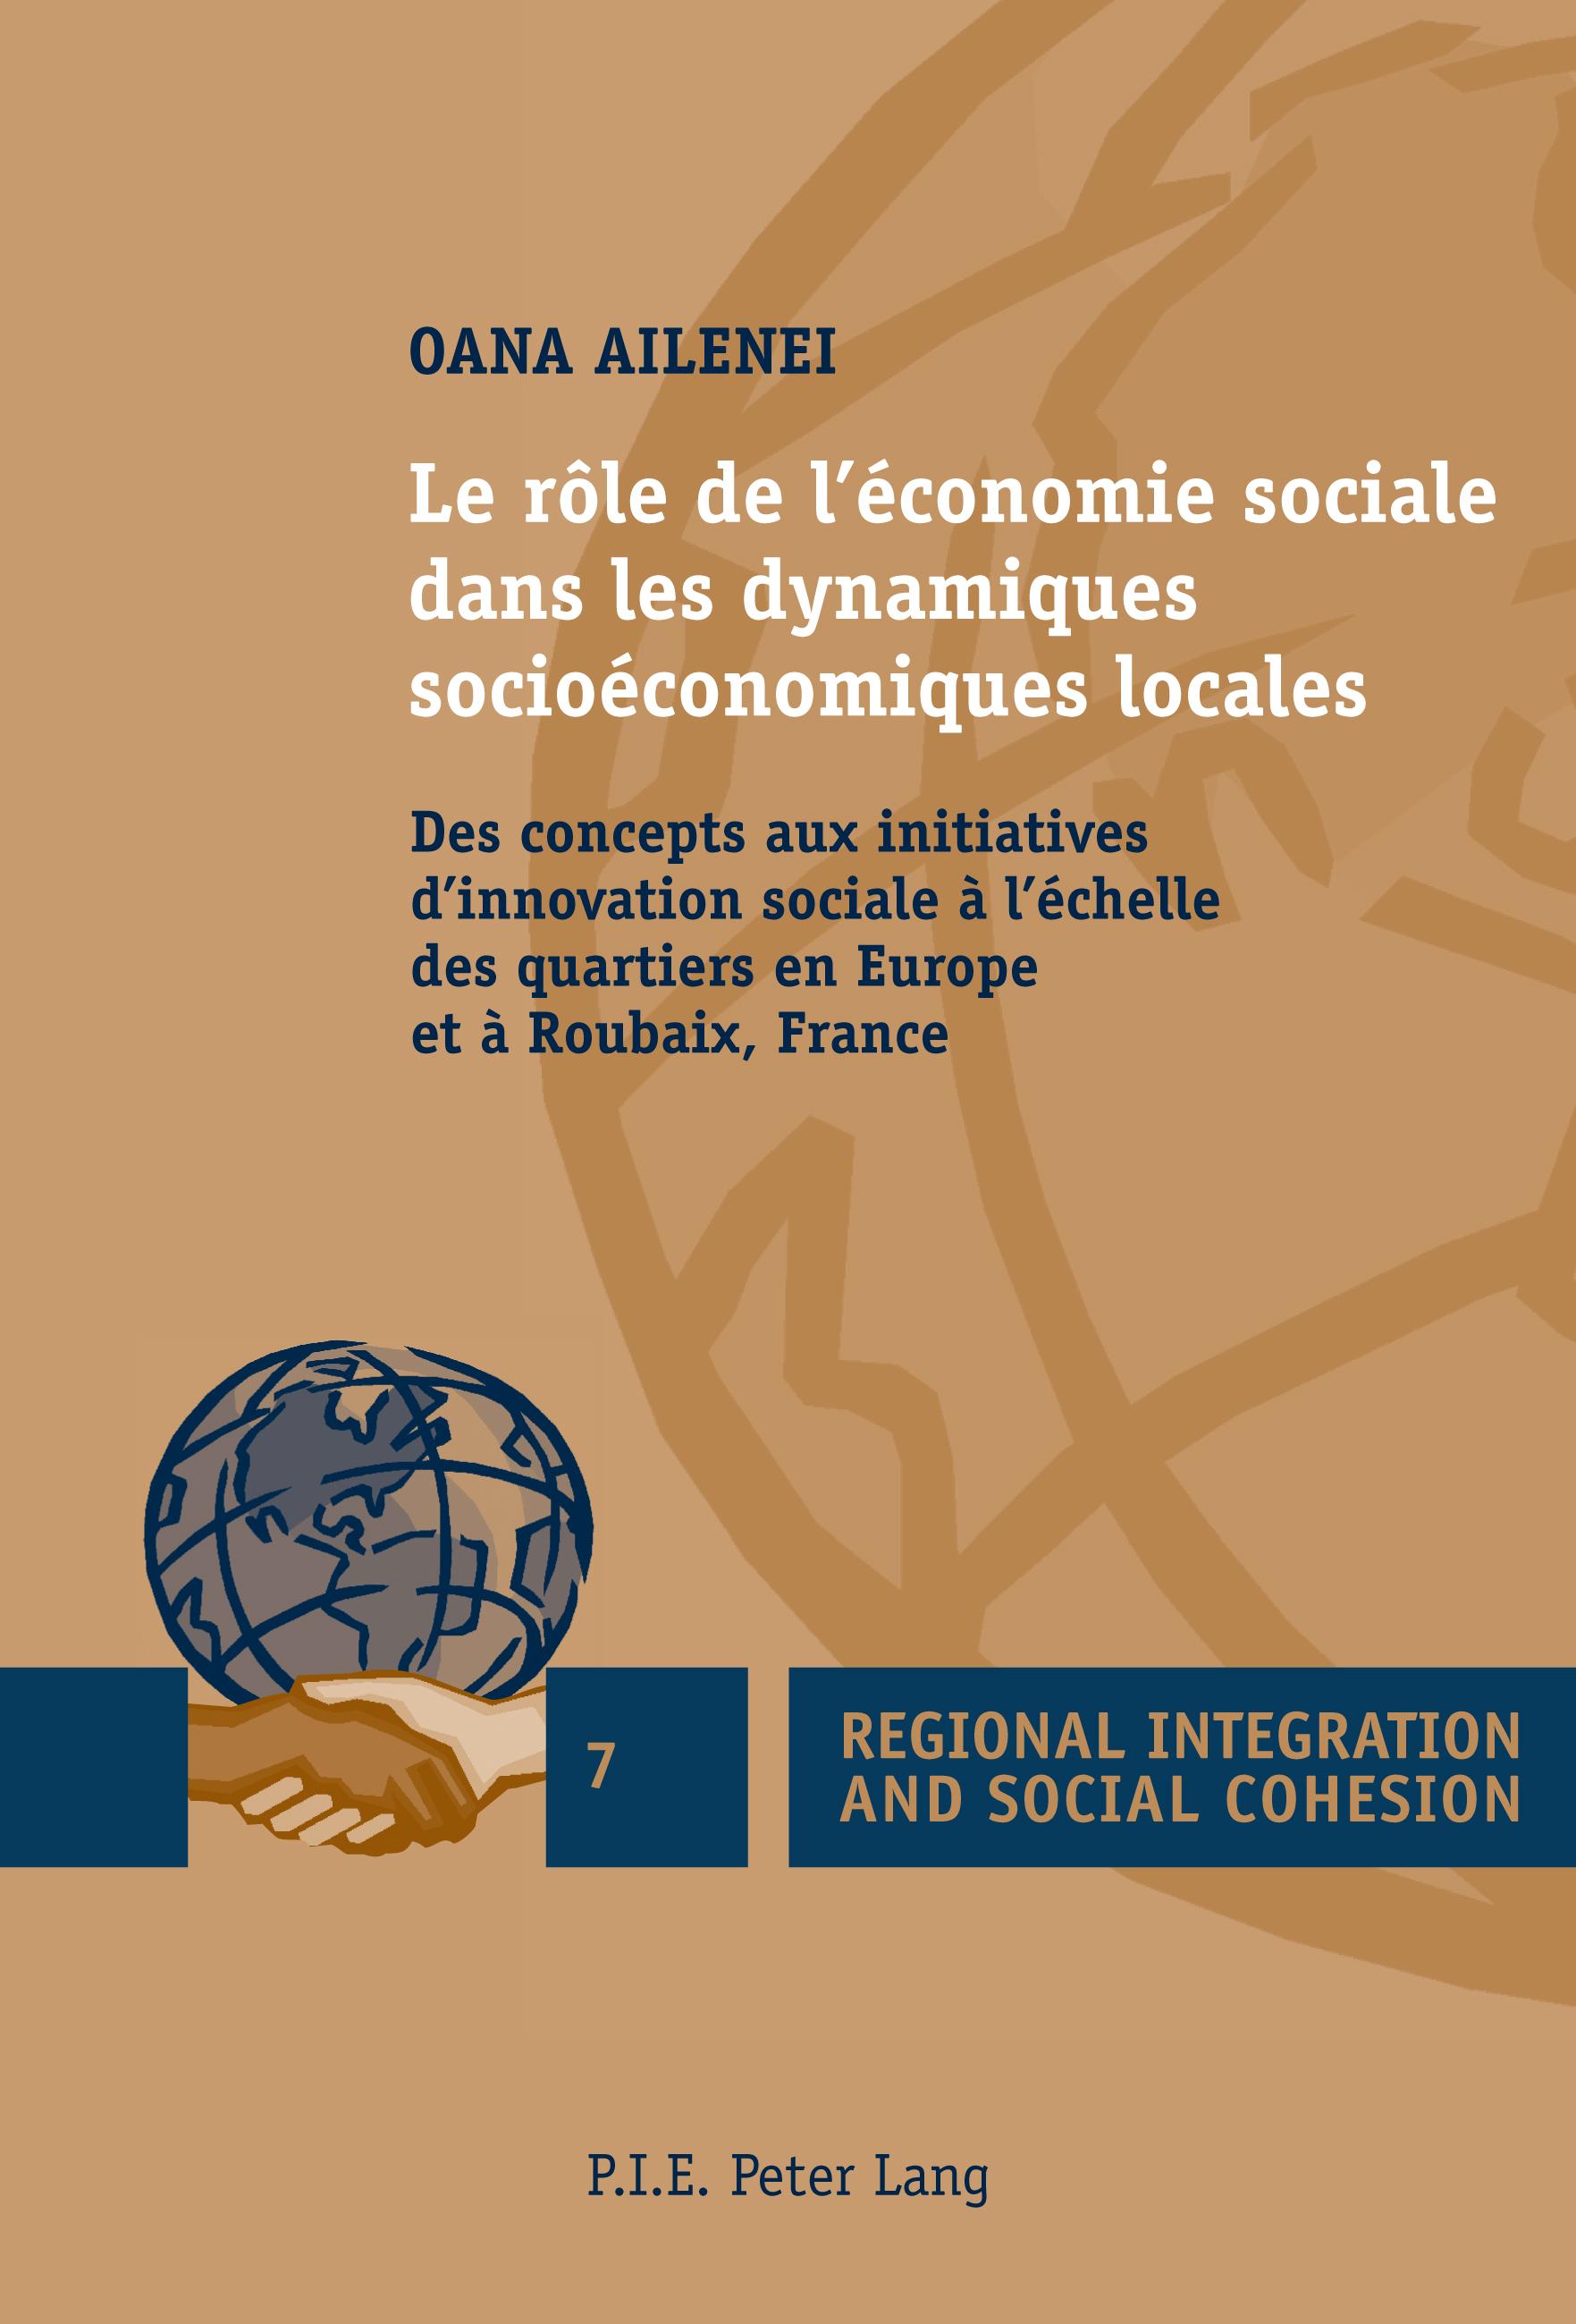 LE ROLE DE L'ECONOMIE SOCIALE DANS LES DYNAMIQUES SOCIOECONOMIQUES LOCALES